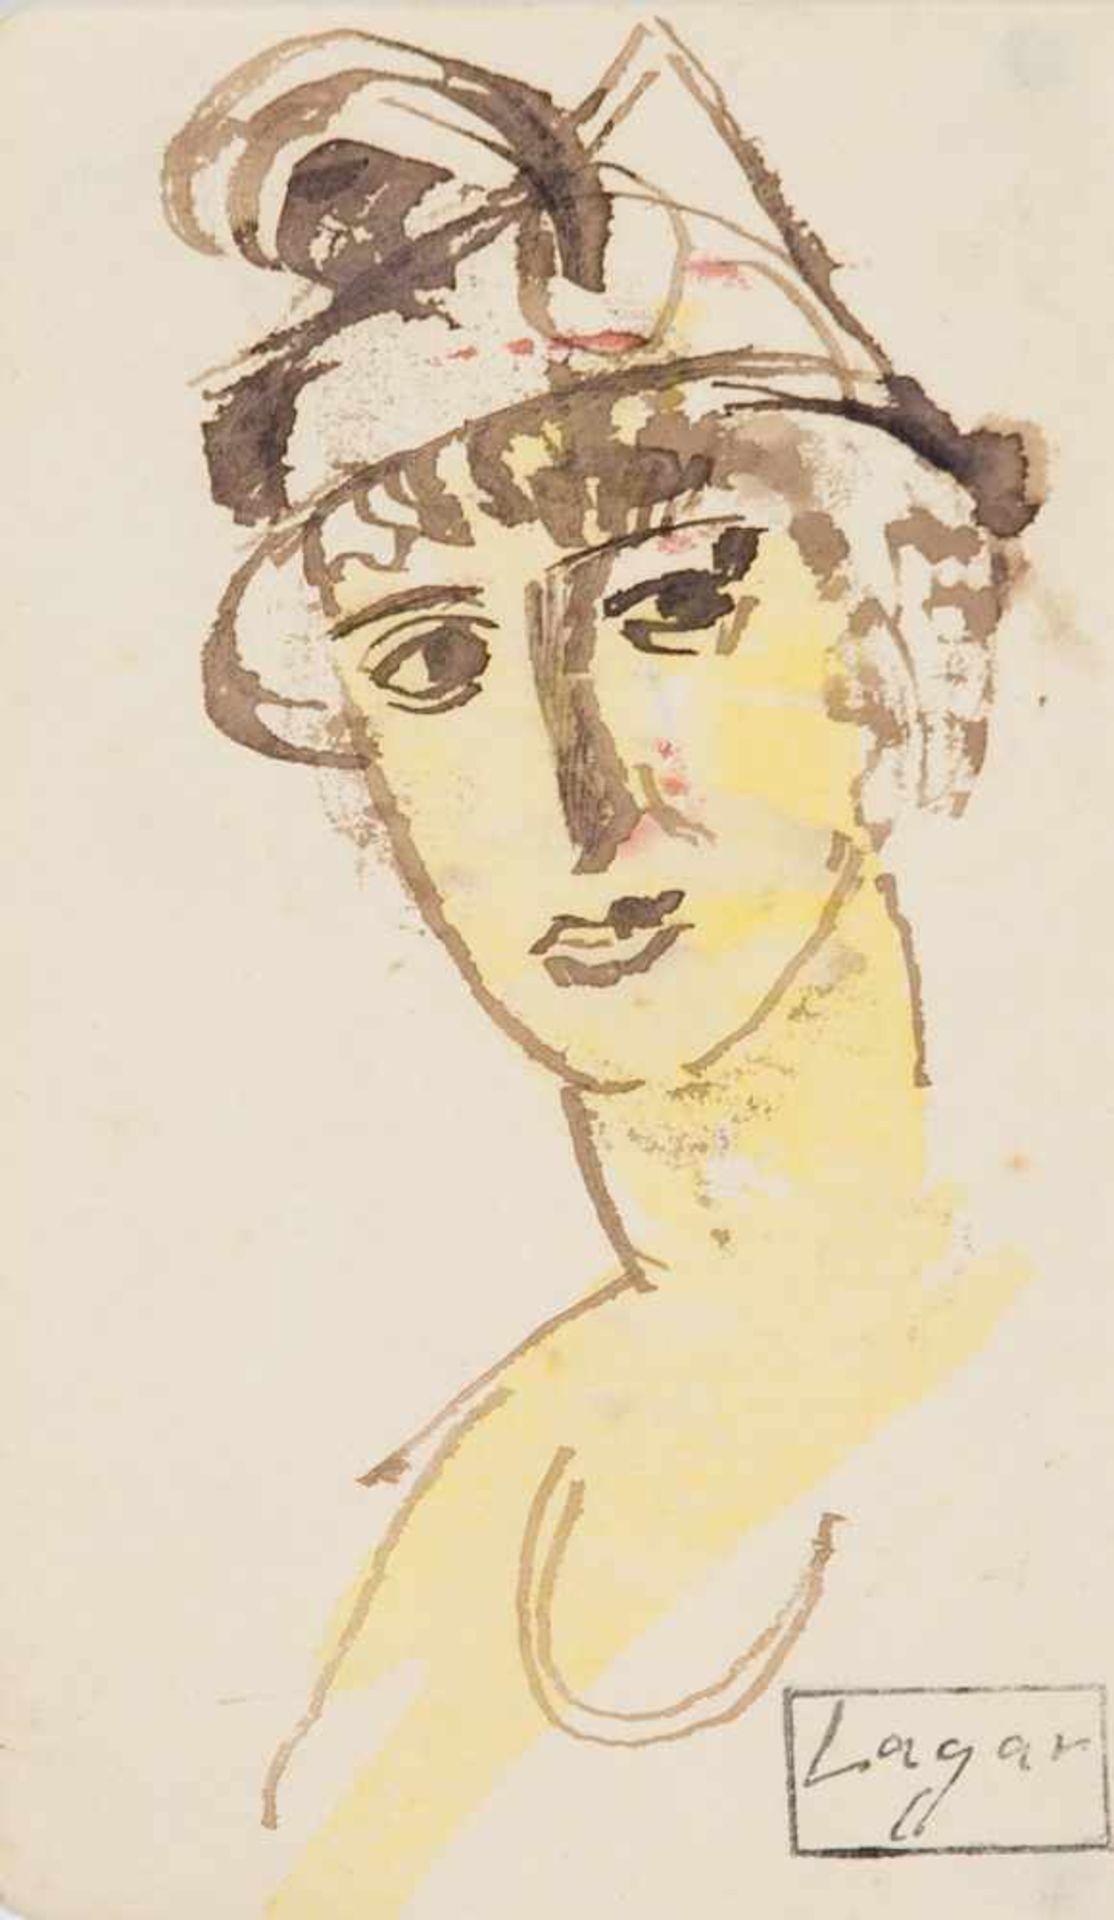 Los 8 - Celso Lagar (Ciudad Rodrigo, 1891 - Sevilla, 1966)